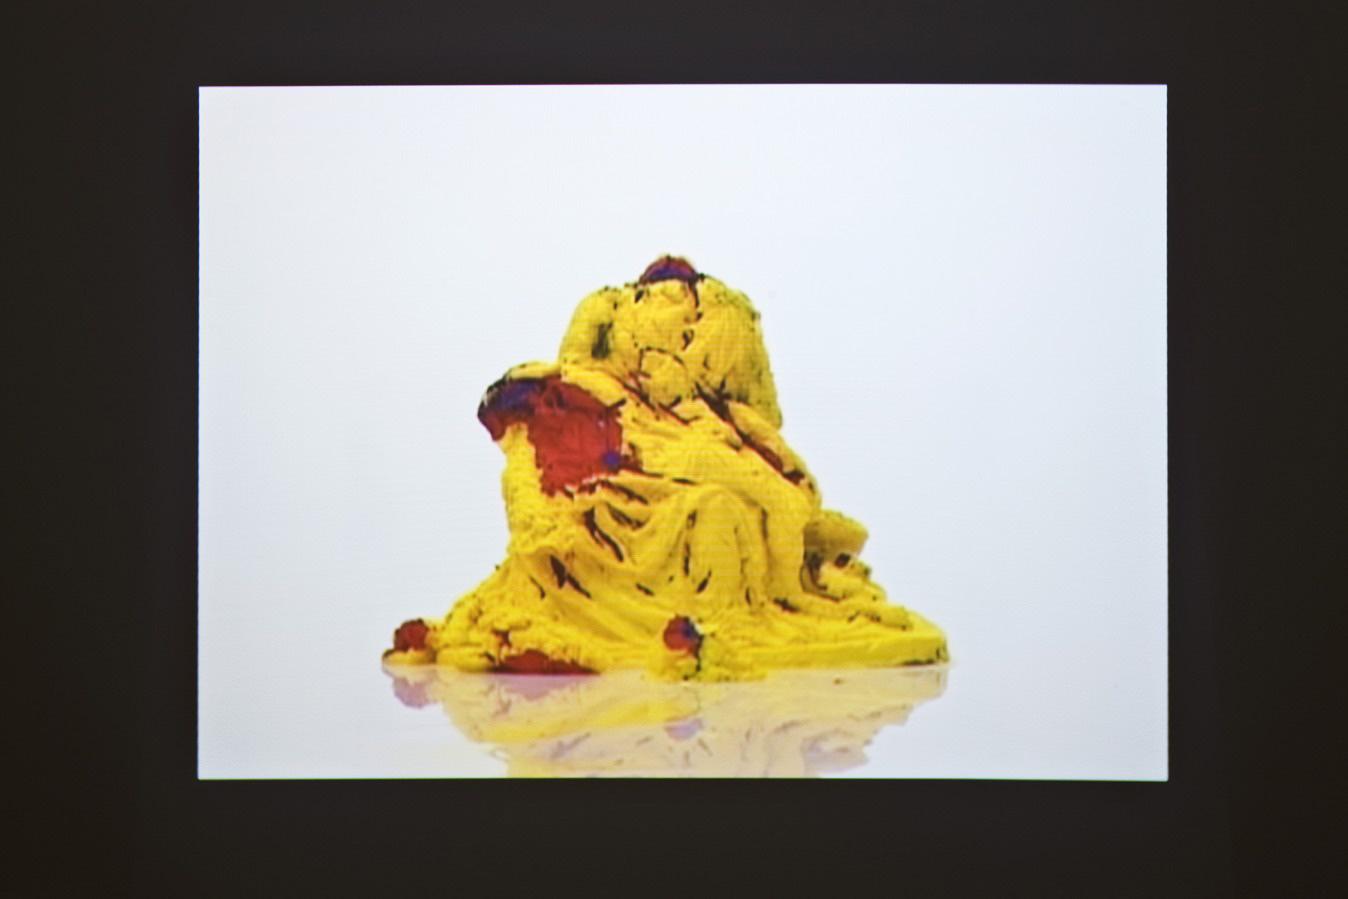 Michele Chiossi THEORY OF COLORS,  New York 1996-Milan 2009 Format DVD video Pietà di Michelangelo gelato Teoria del colore Goethe dissolvenza forma astrazione discioglimento Madonna Gesù scultura